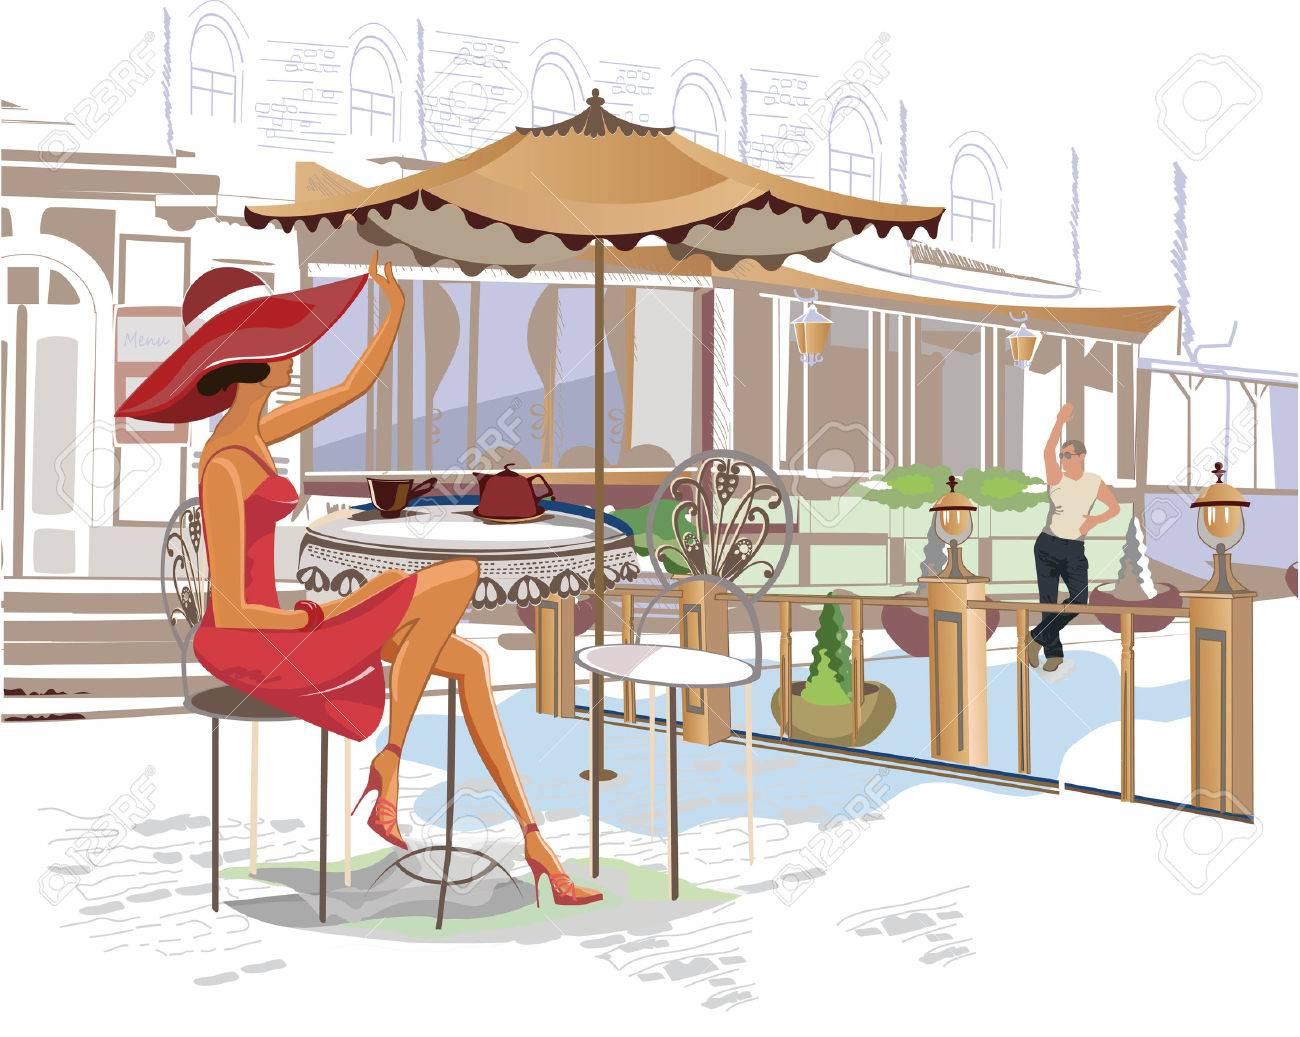 Serie de cafés de la calle en la ciudad con gente bebiendo café Foto de archivo - 38171403